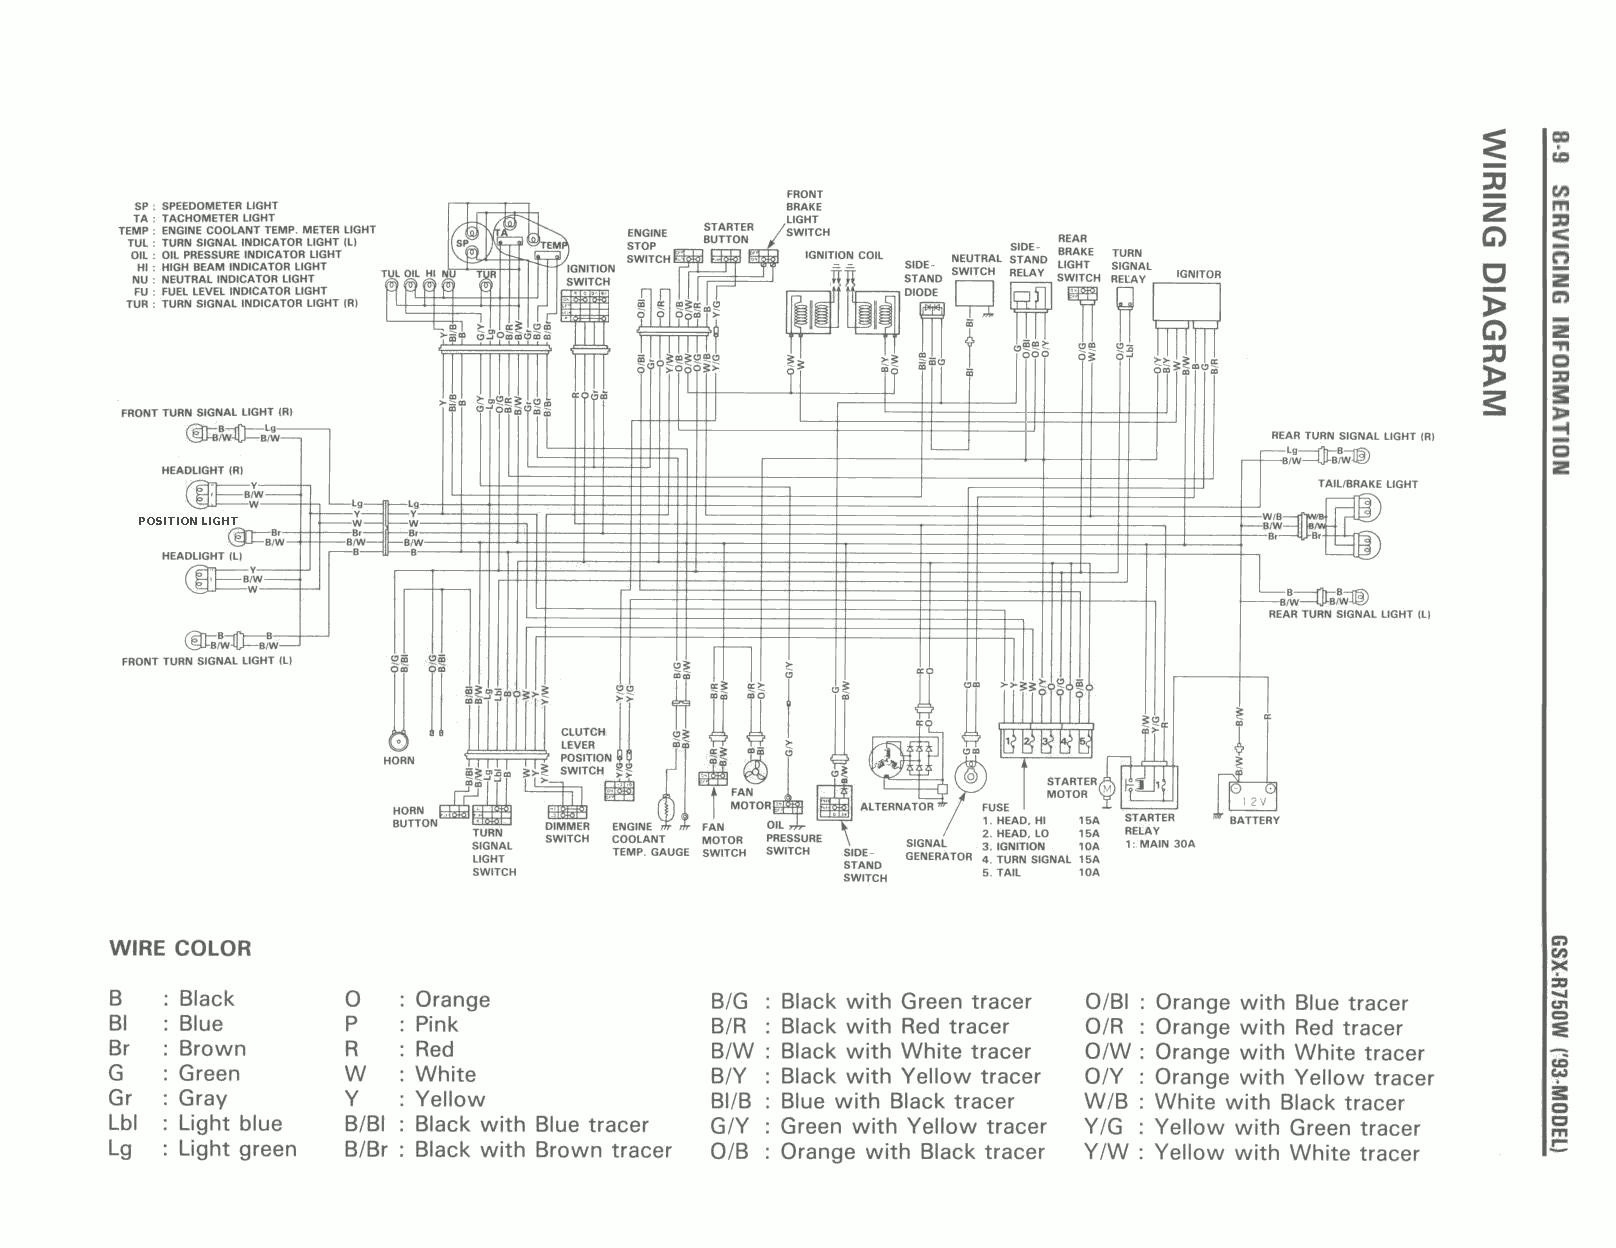 106ca 02 Gsxr 1000 Wiring Diagram Wiring Resources